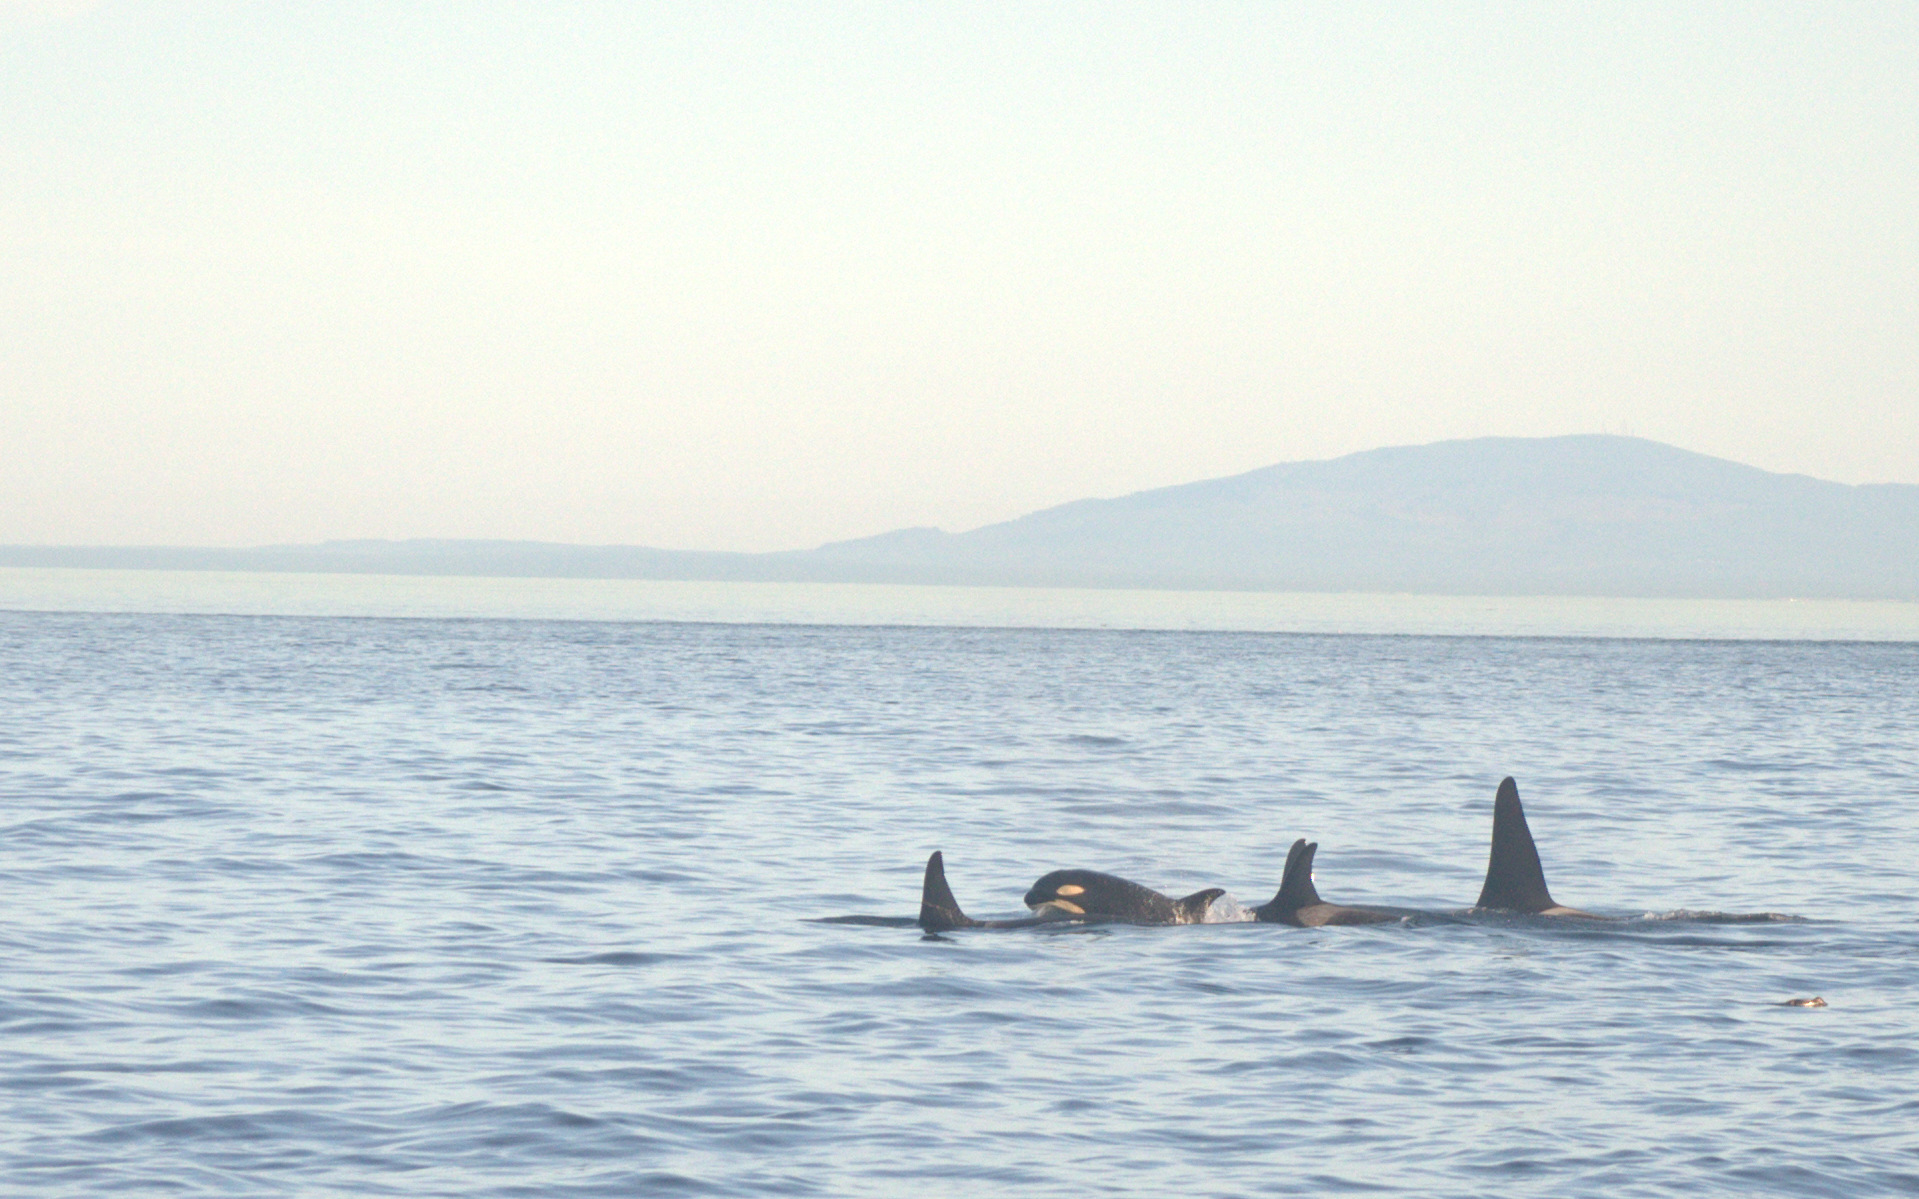 orca calf